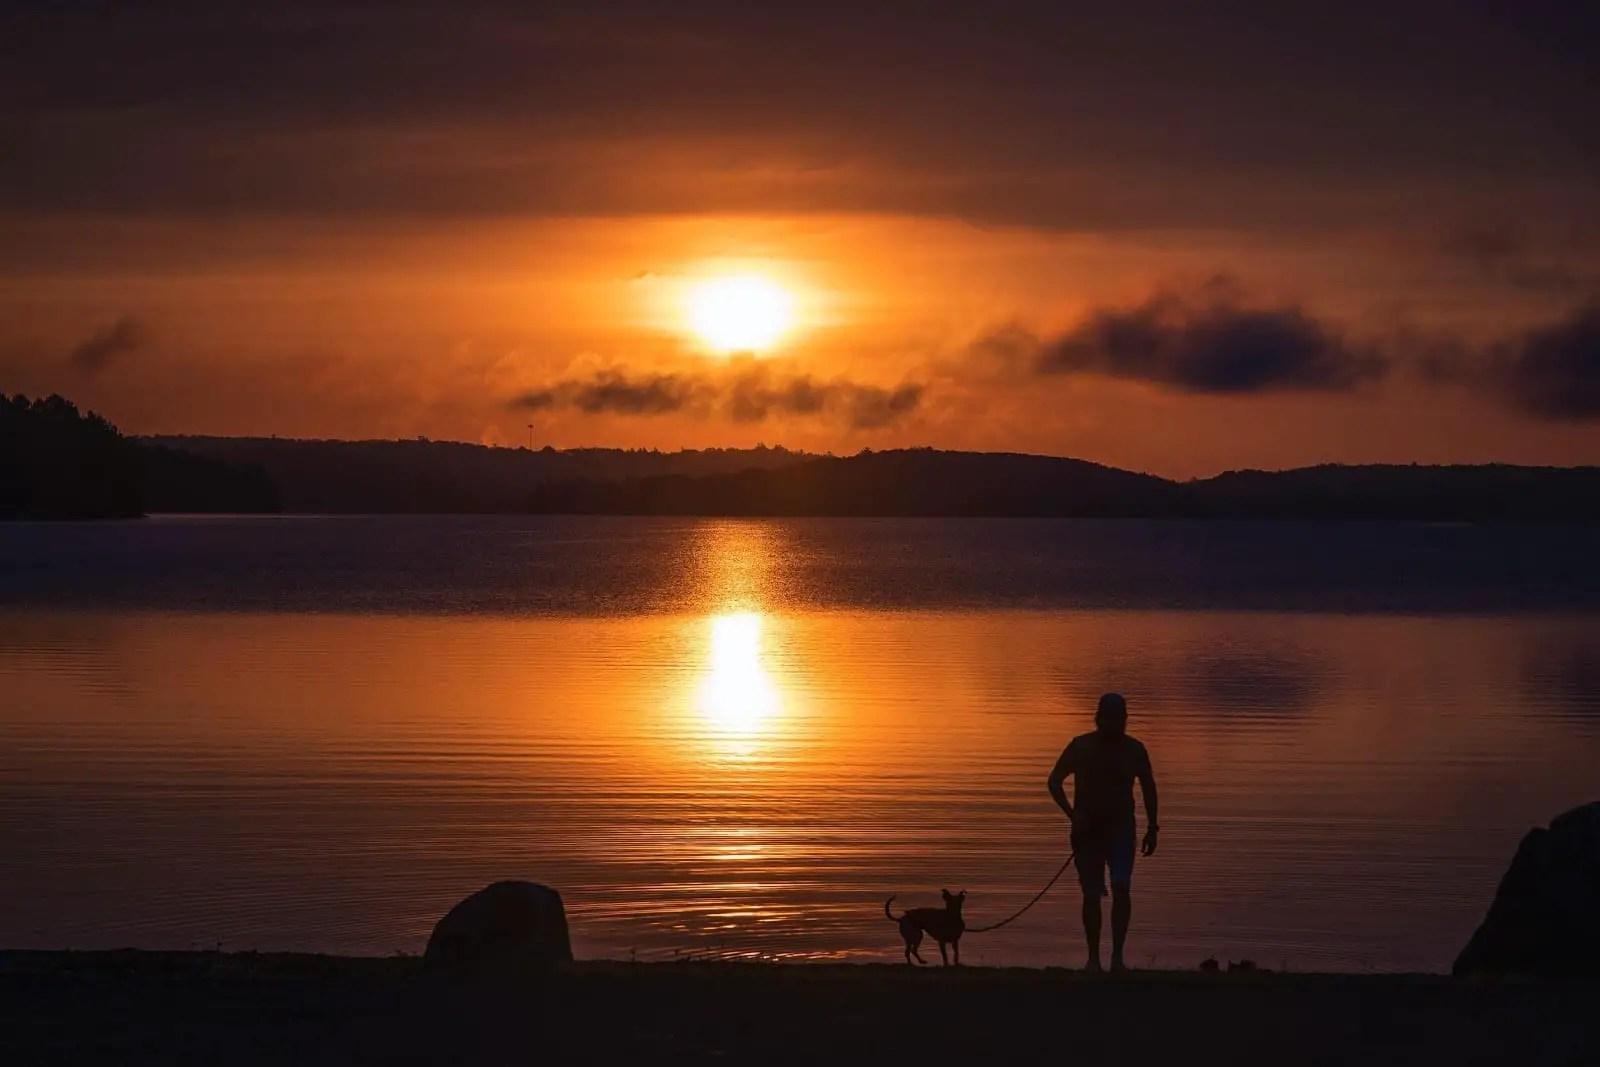 Dog at Lake at Sunset